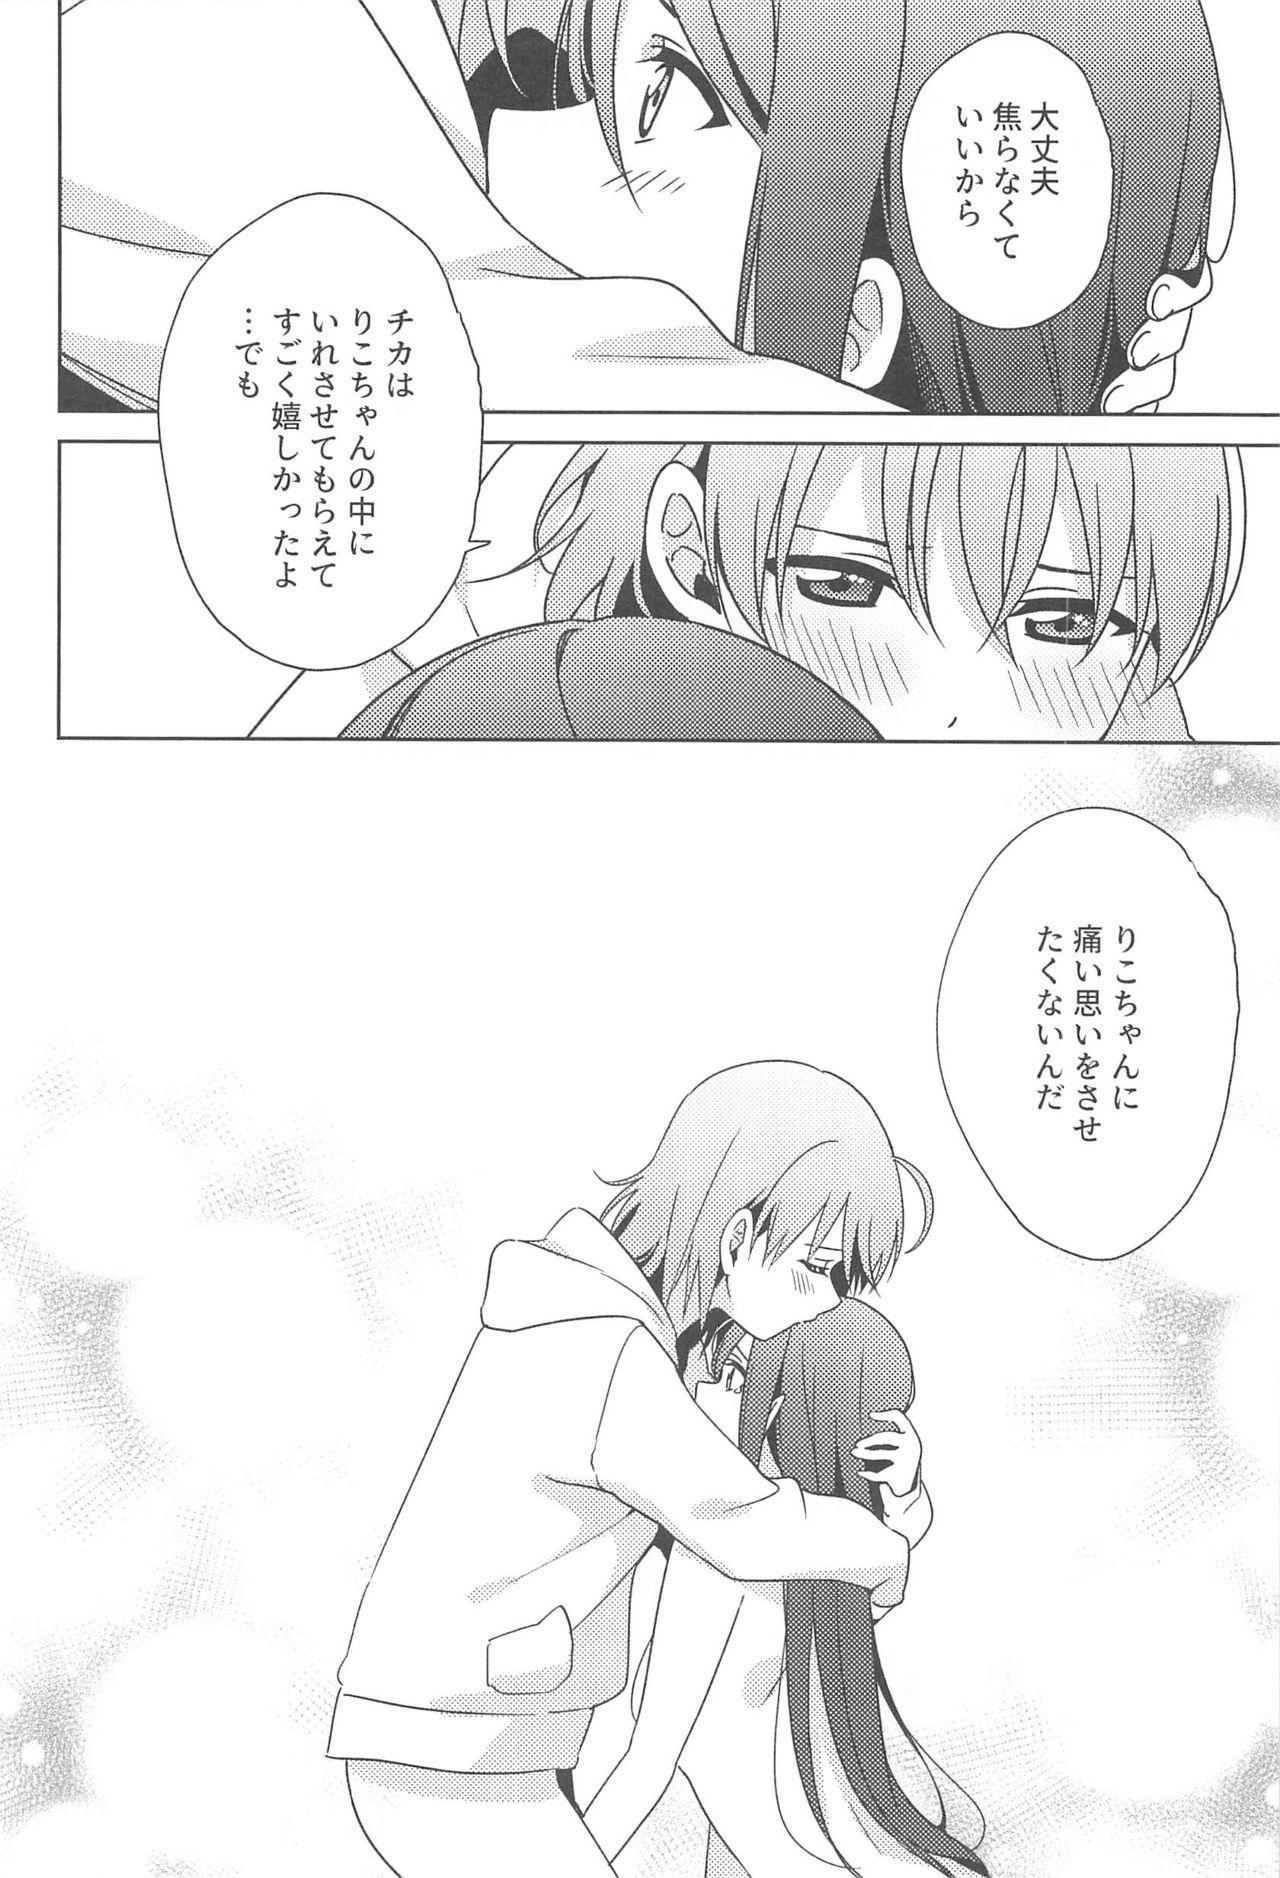 Chika-chan no ○○ ga Hairanai 12